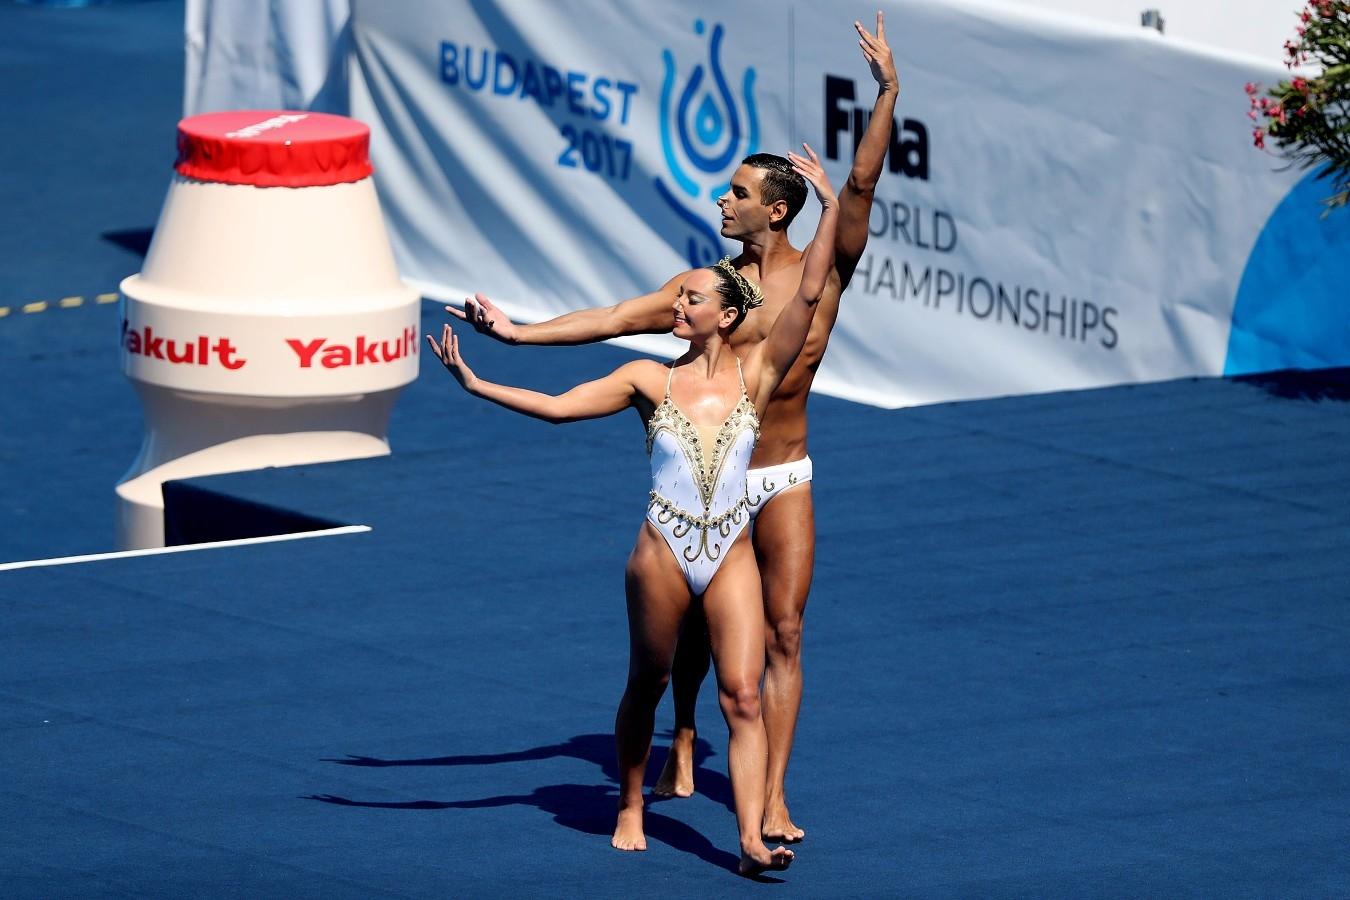 Giovana Stephan, Renan Alcantara. Campeonato Mundial de Desportos Aquaticos. City Park. 17 de Julho de 2017, Budapeste, Hungria. Foto: Satiro Sodré/SSPress/CBDA